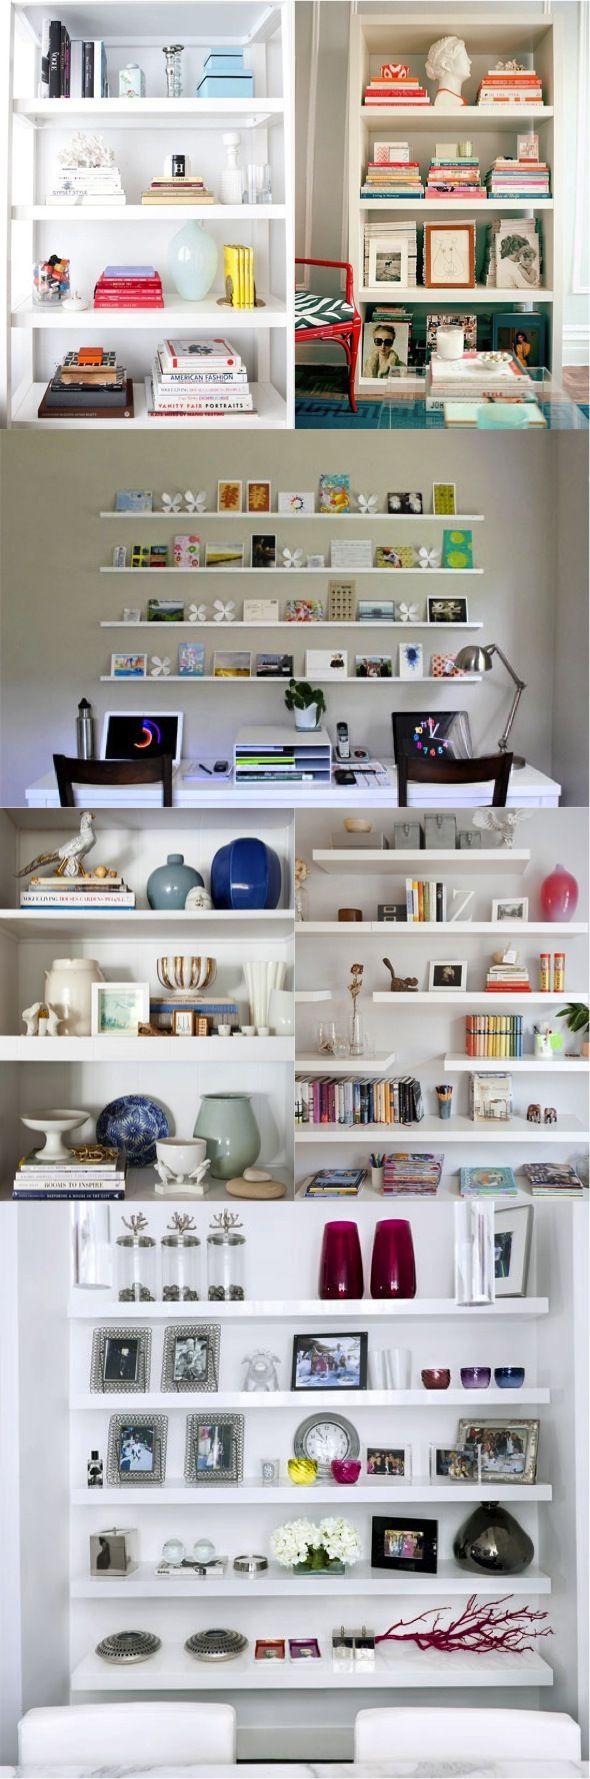 Pra ficar bonito tem que ser organizada – e editada.